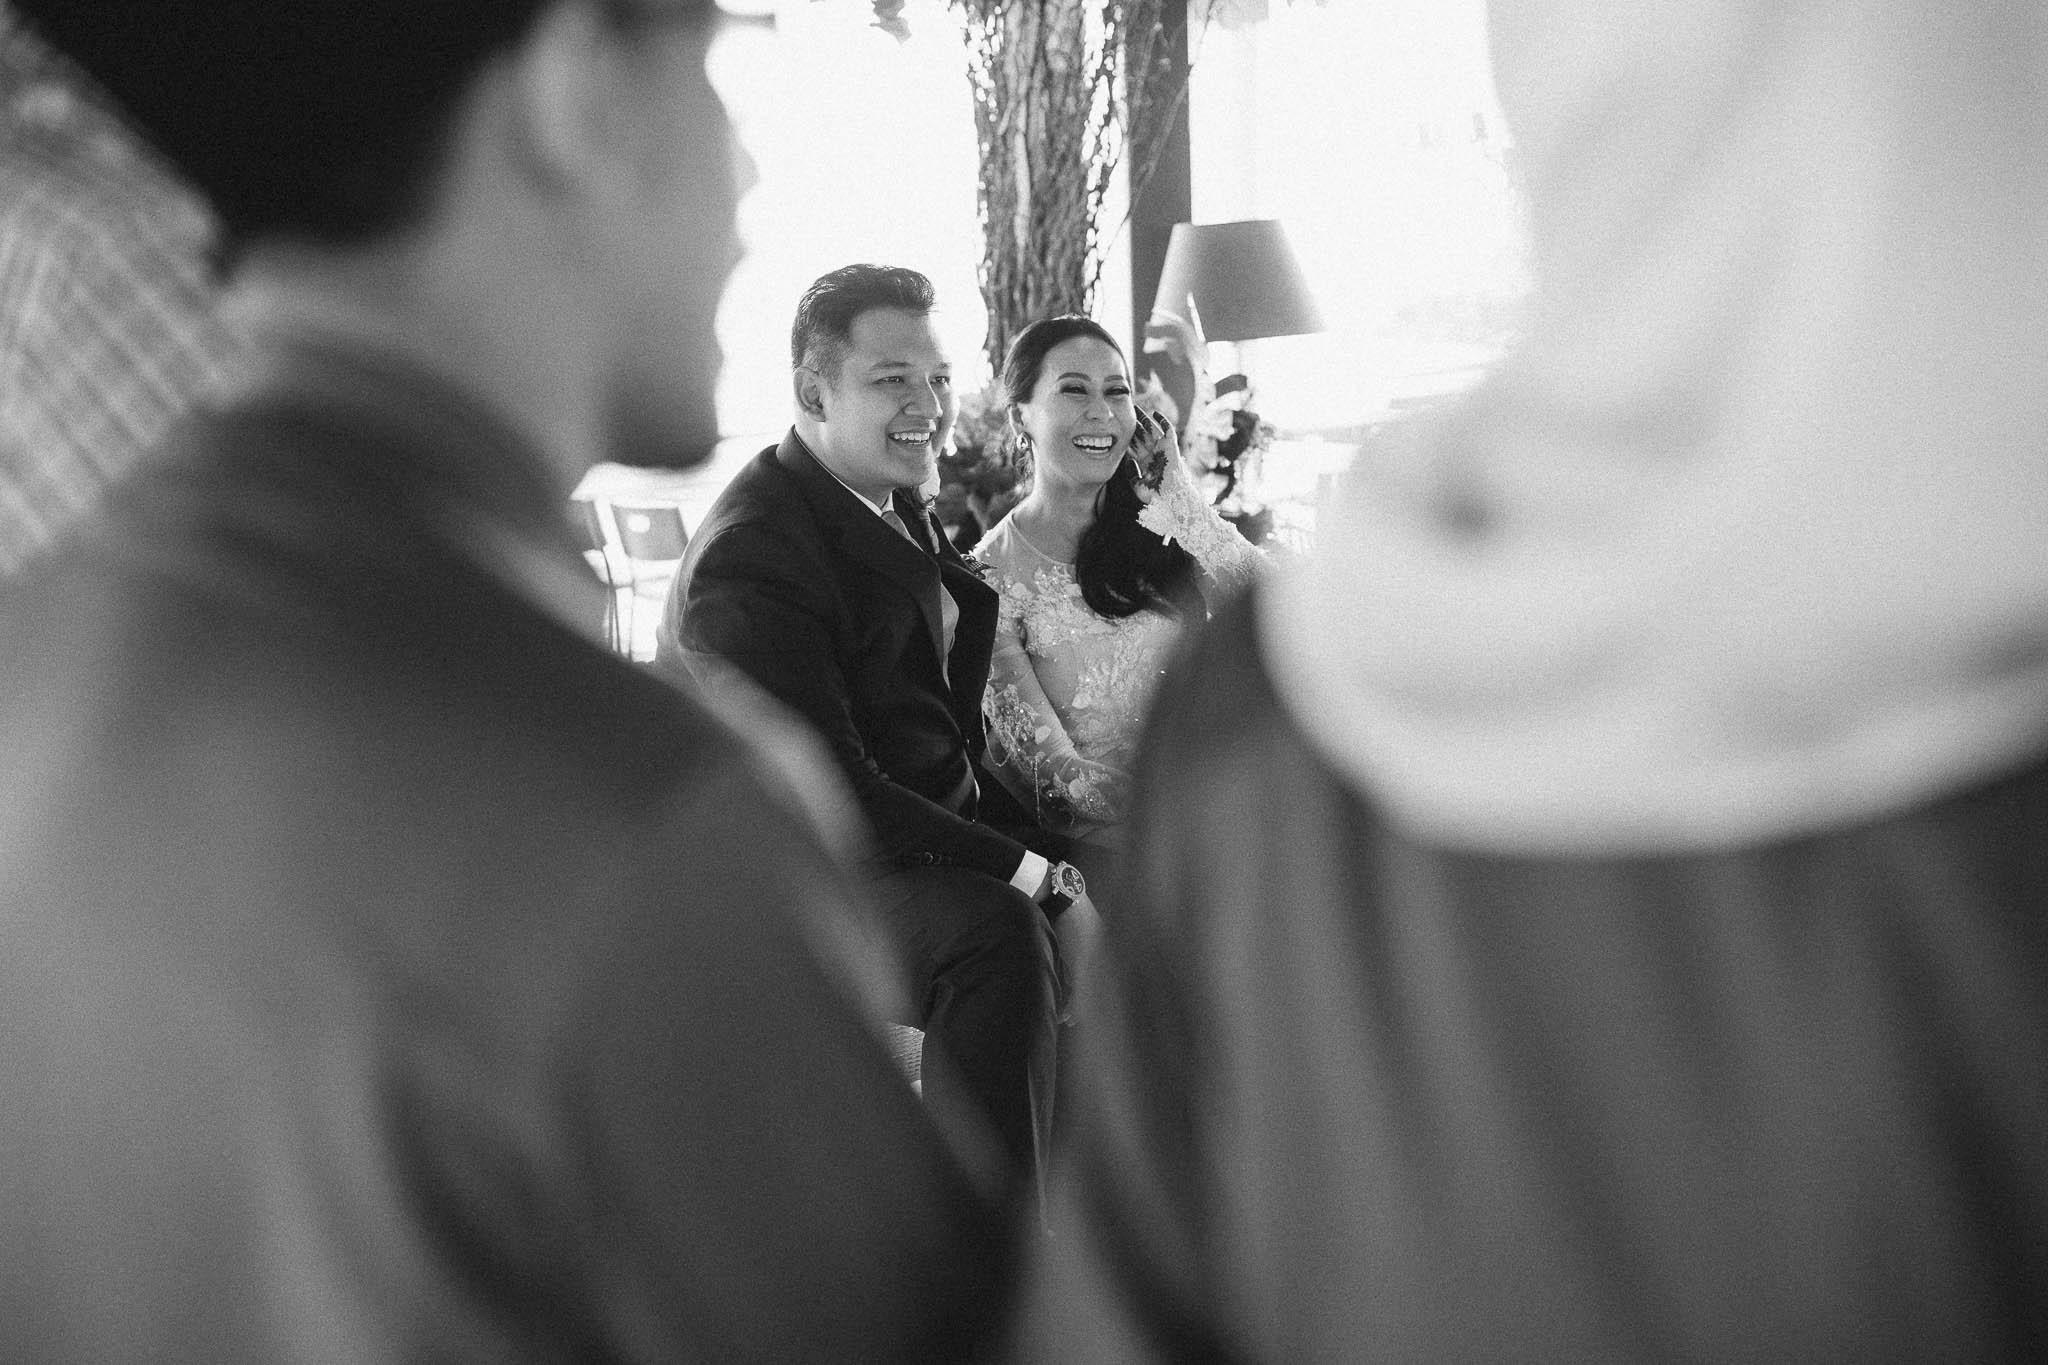 singapore-wedding-photographer-hafidz-hazlin-64.jpg